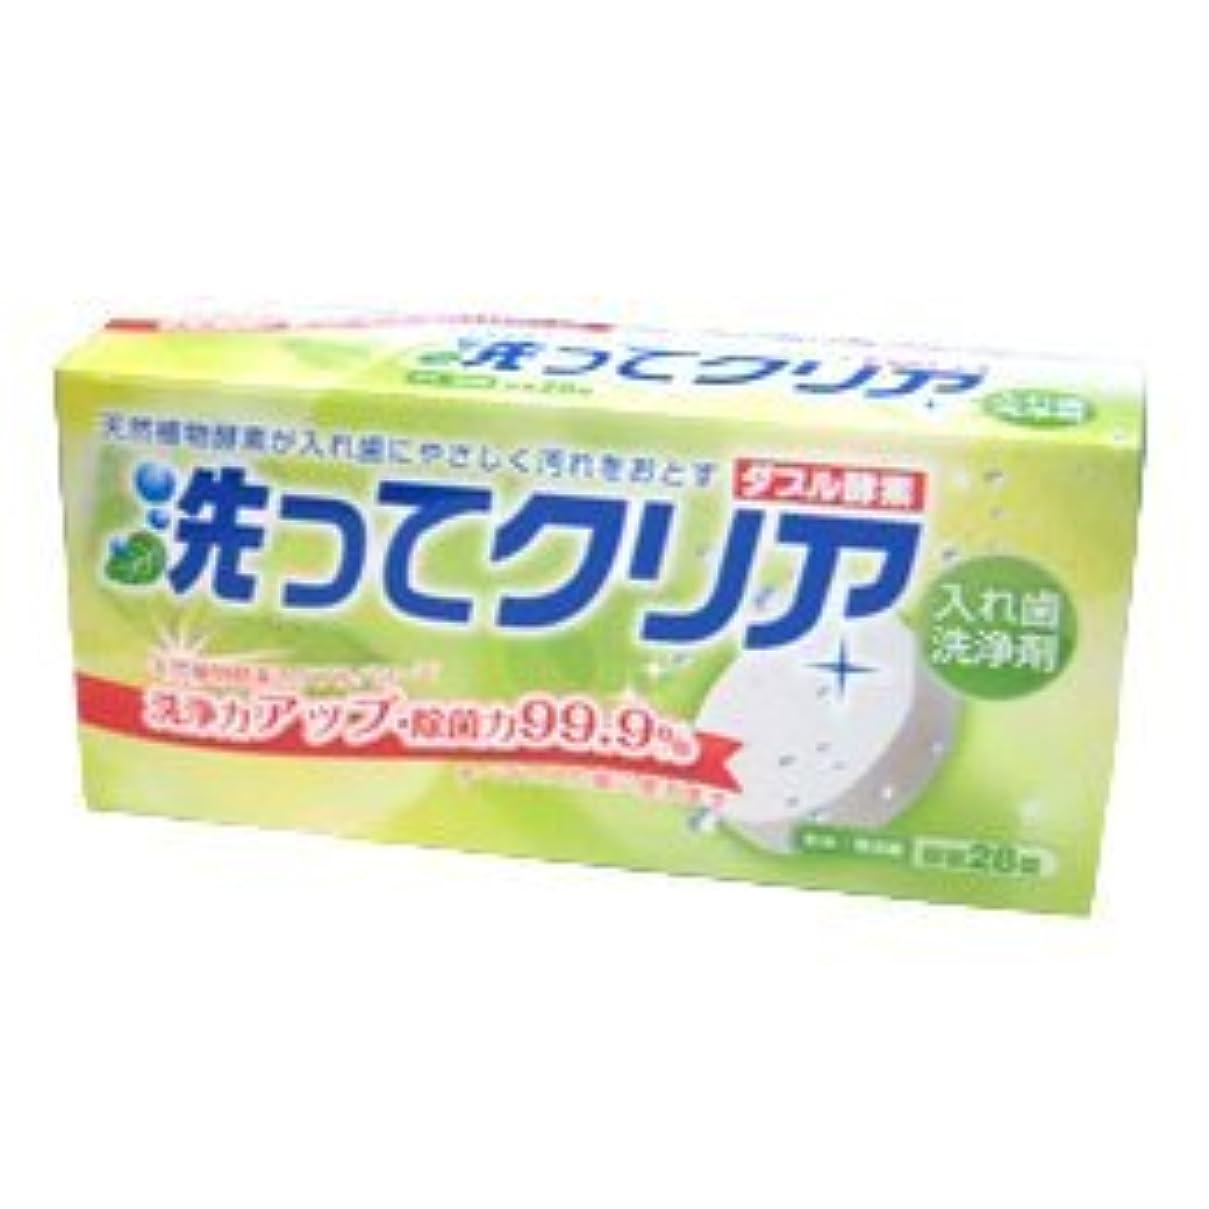 吹きさらし王子列車東伸洋行株式会社 洗ってクリア ダブル酵素 28錠 入れ歯洗浄剤